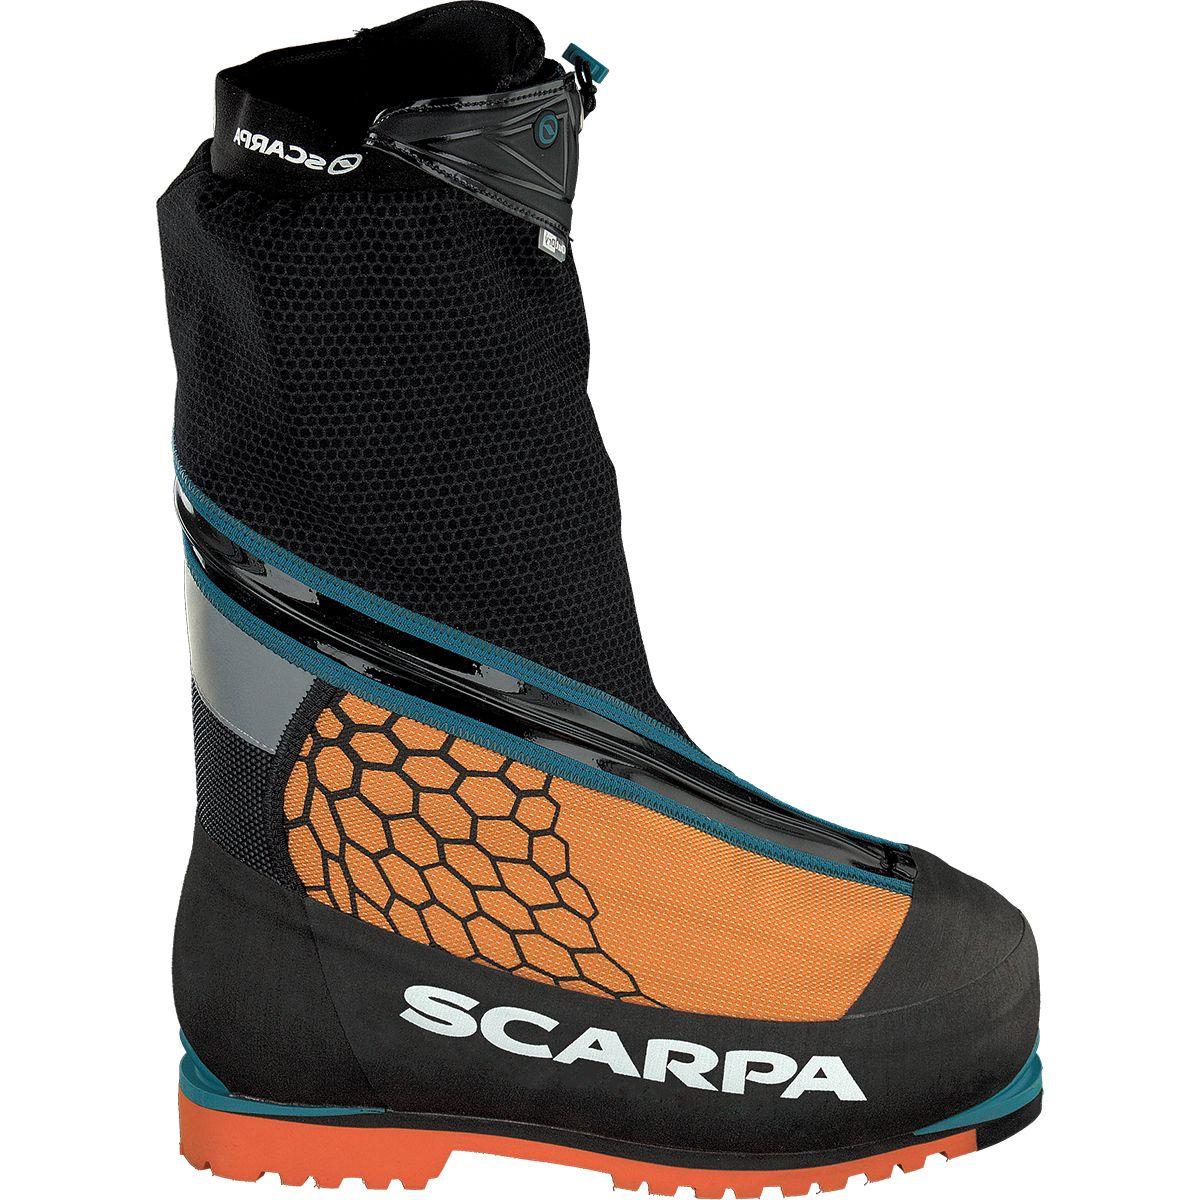 Ботинки Scarpa Phantom 8000 мужские черные 46